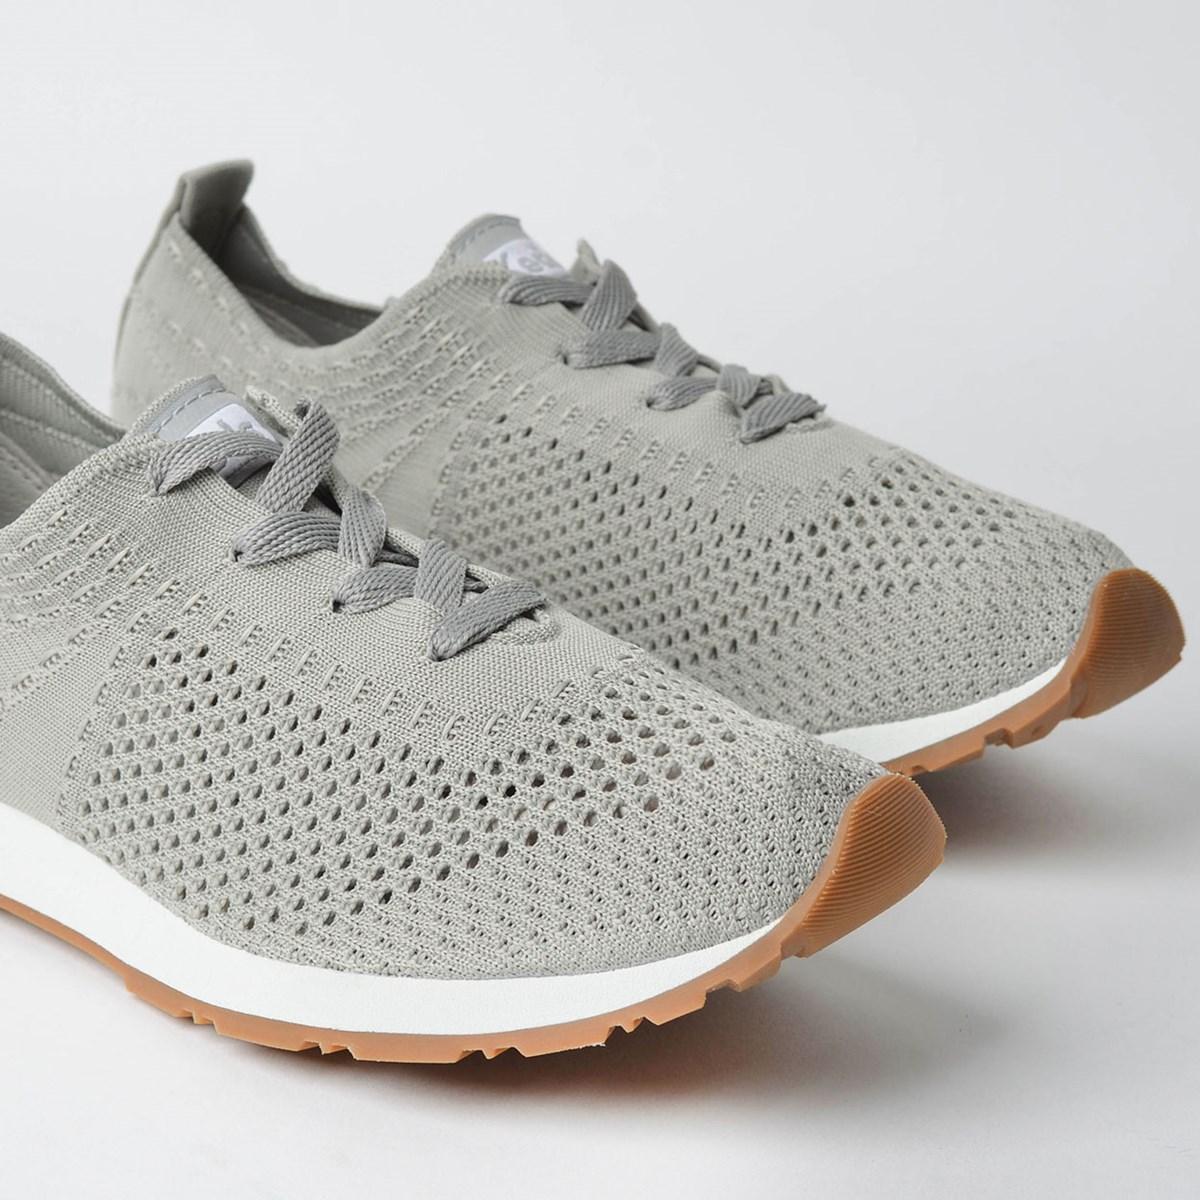 Tênis Keds Jogging Knit Cinza KD1333016